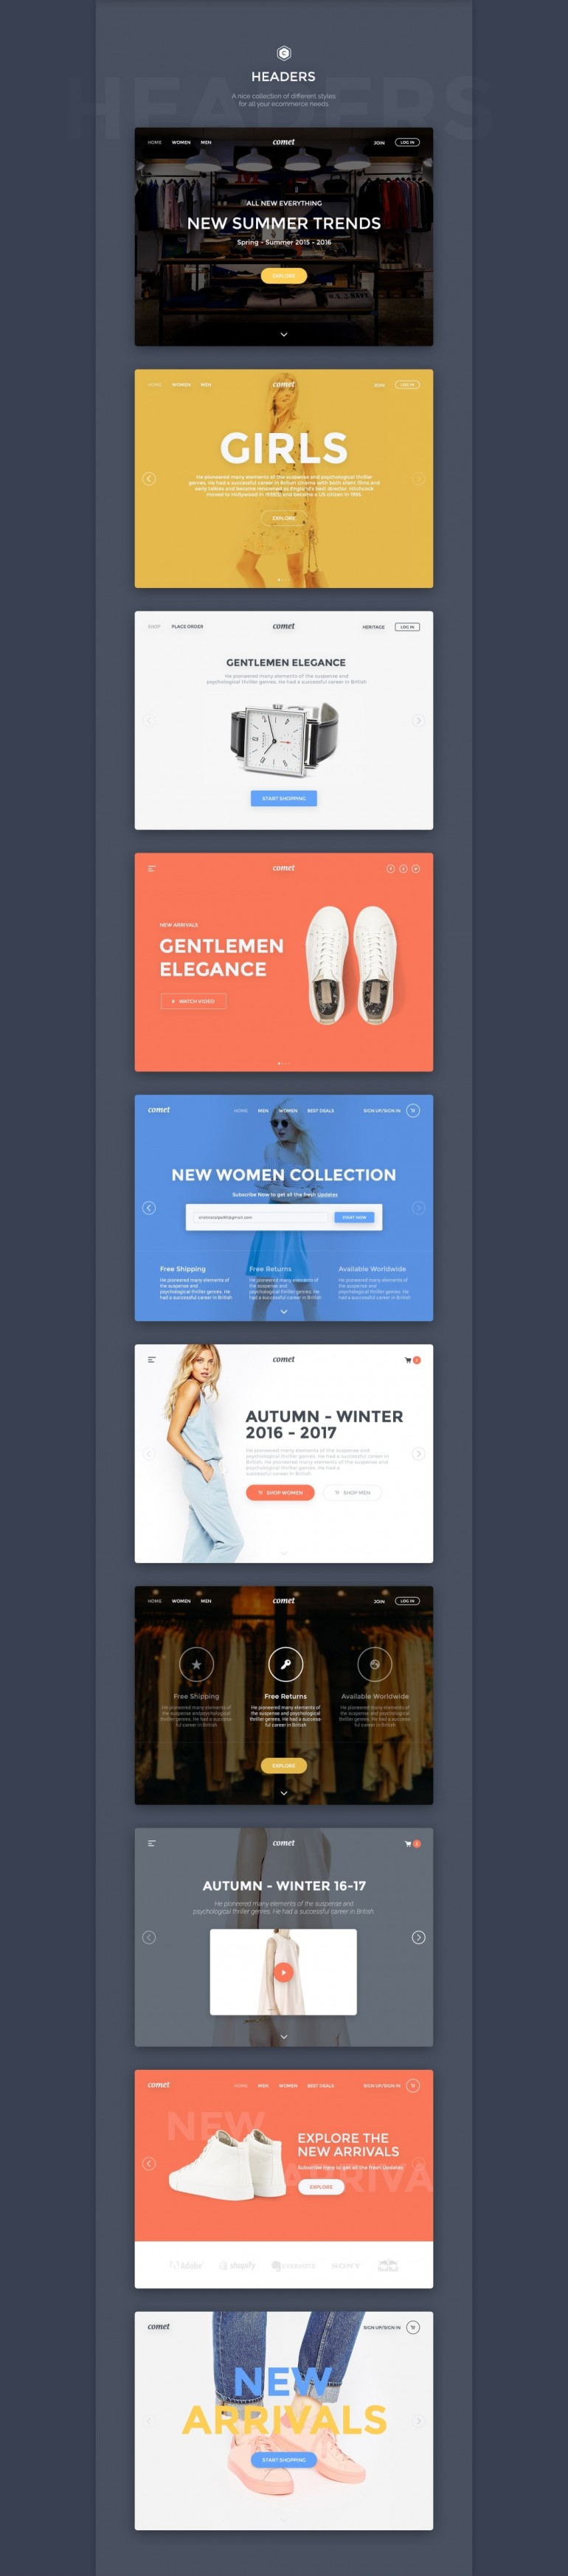 Comet – Elegant Web ecommerce UI Kit